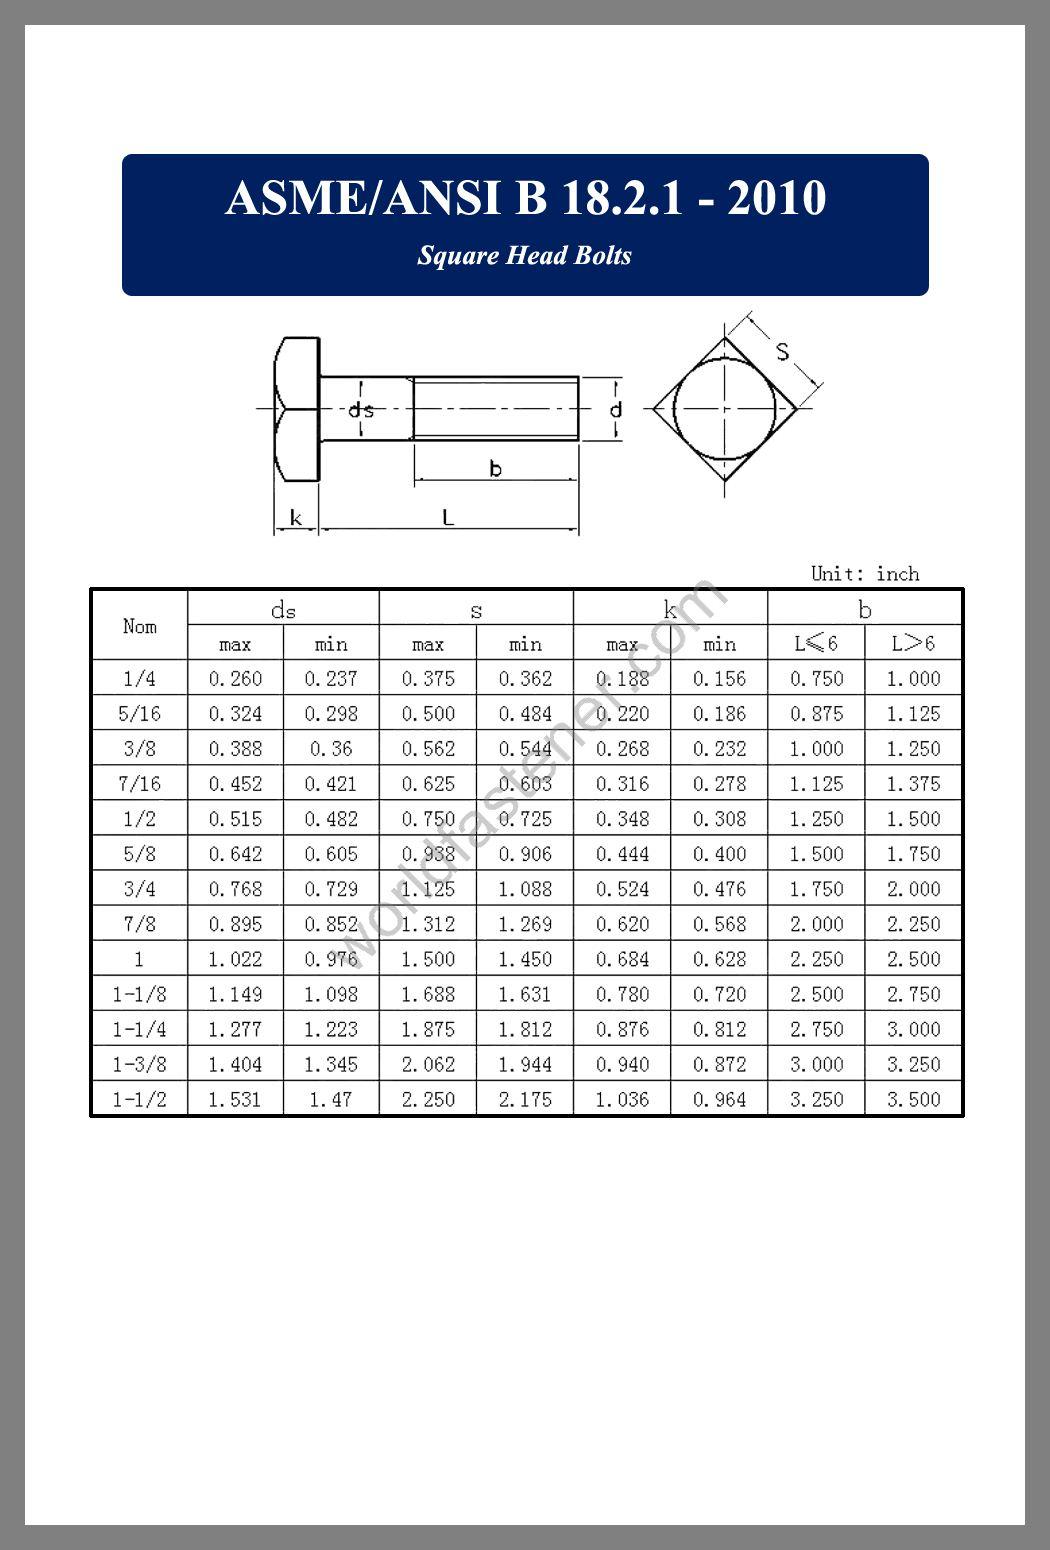 ASME-ANSI B18.2.1, ASME-ANSI B18.2.1 Square Head Bolts, fastener, screw, bolt